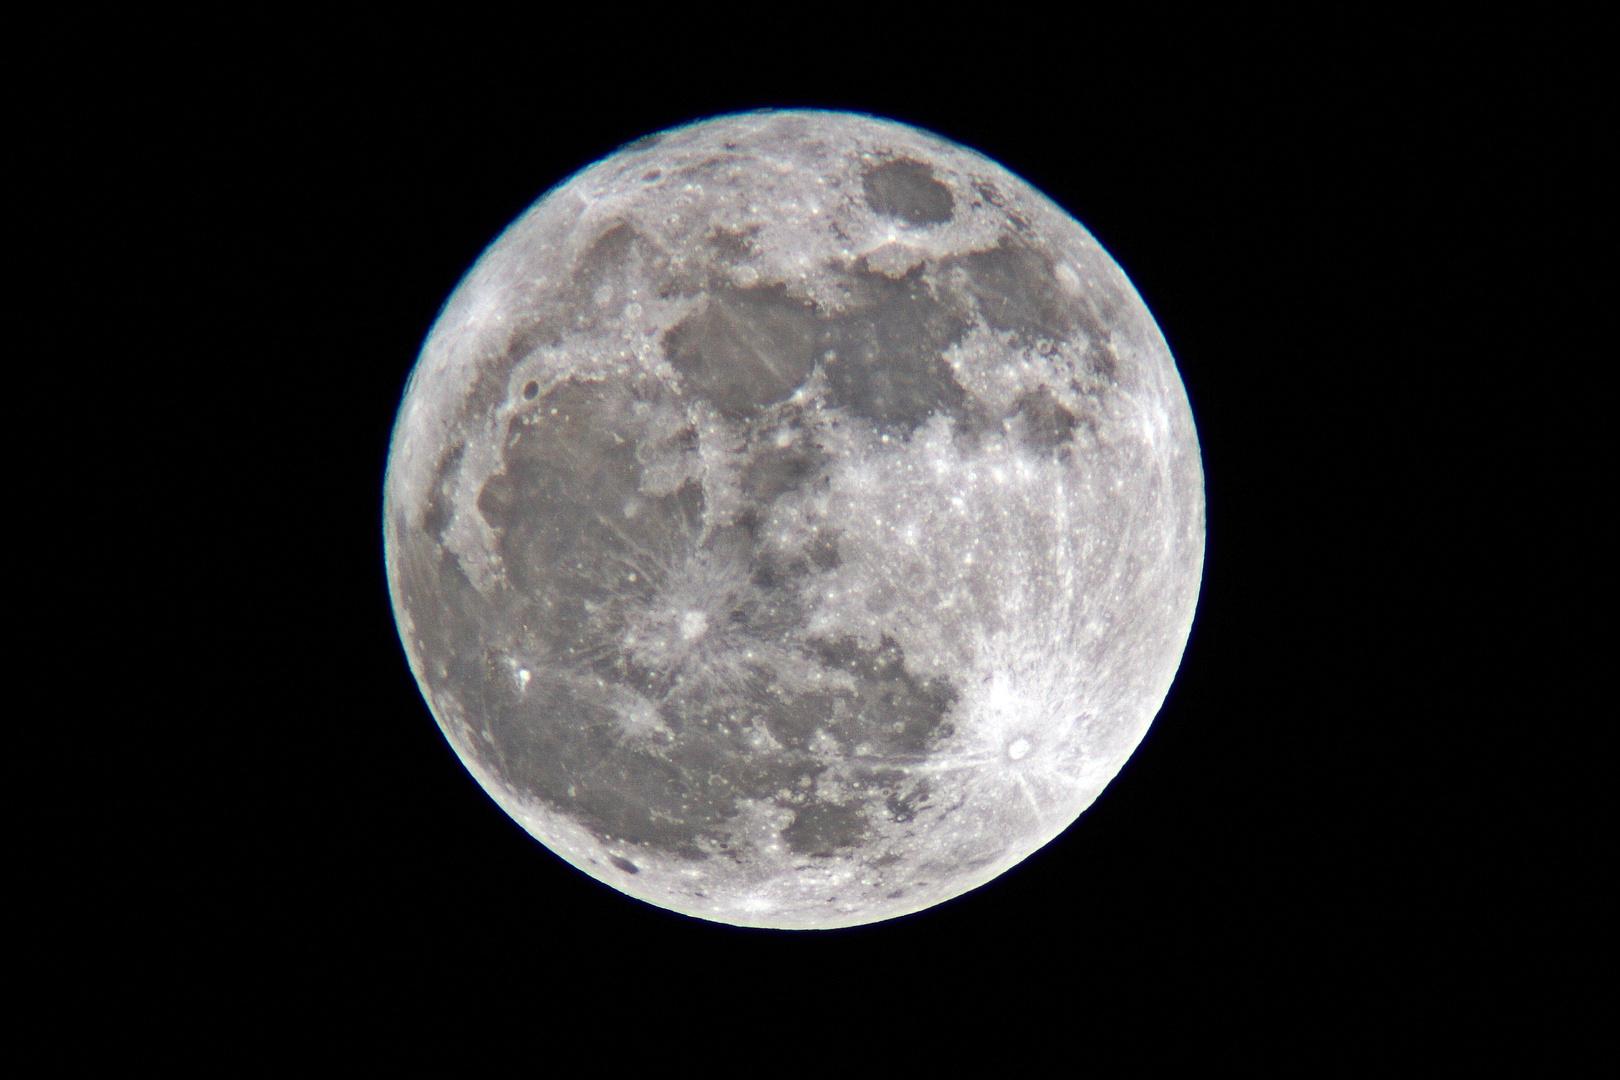 größter Mond